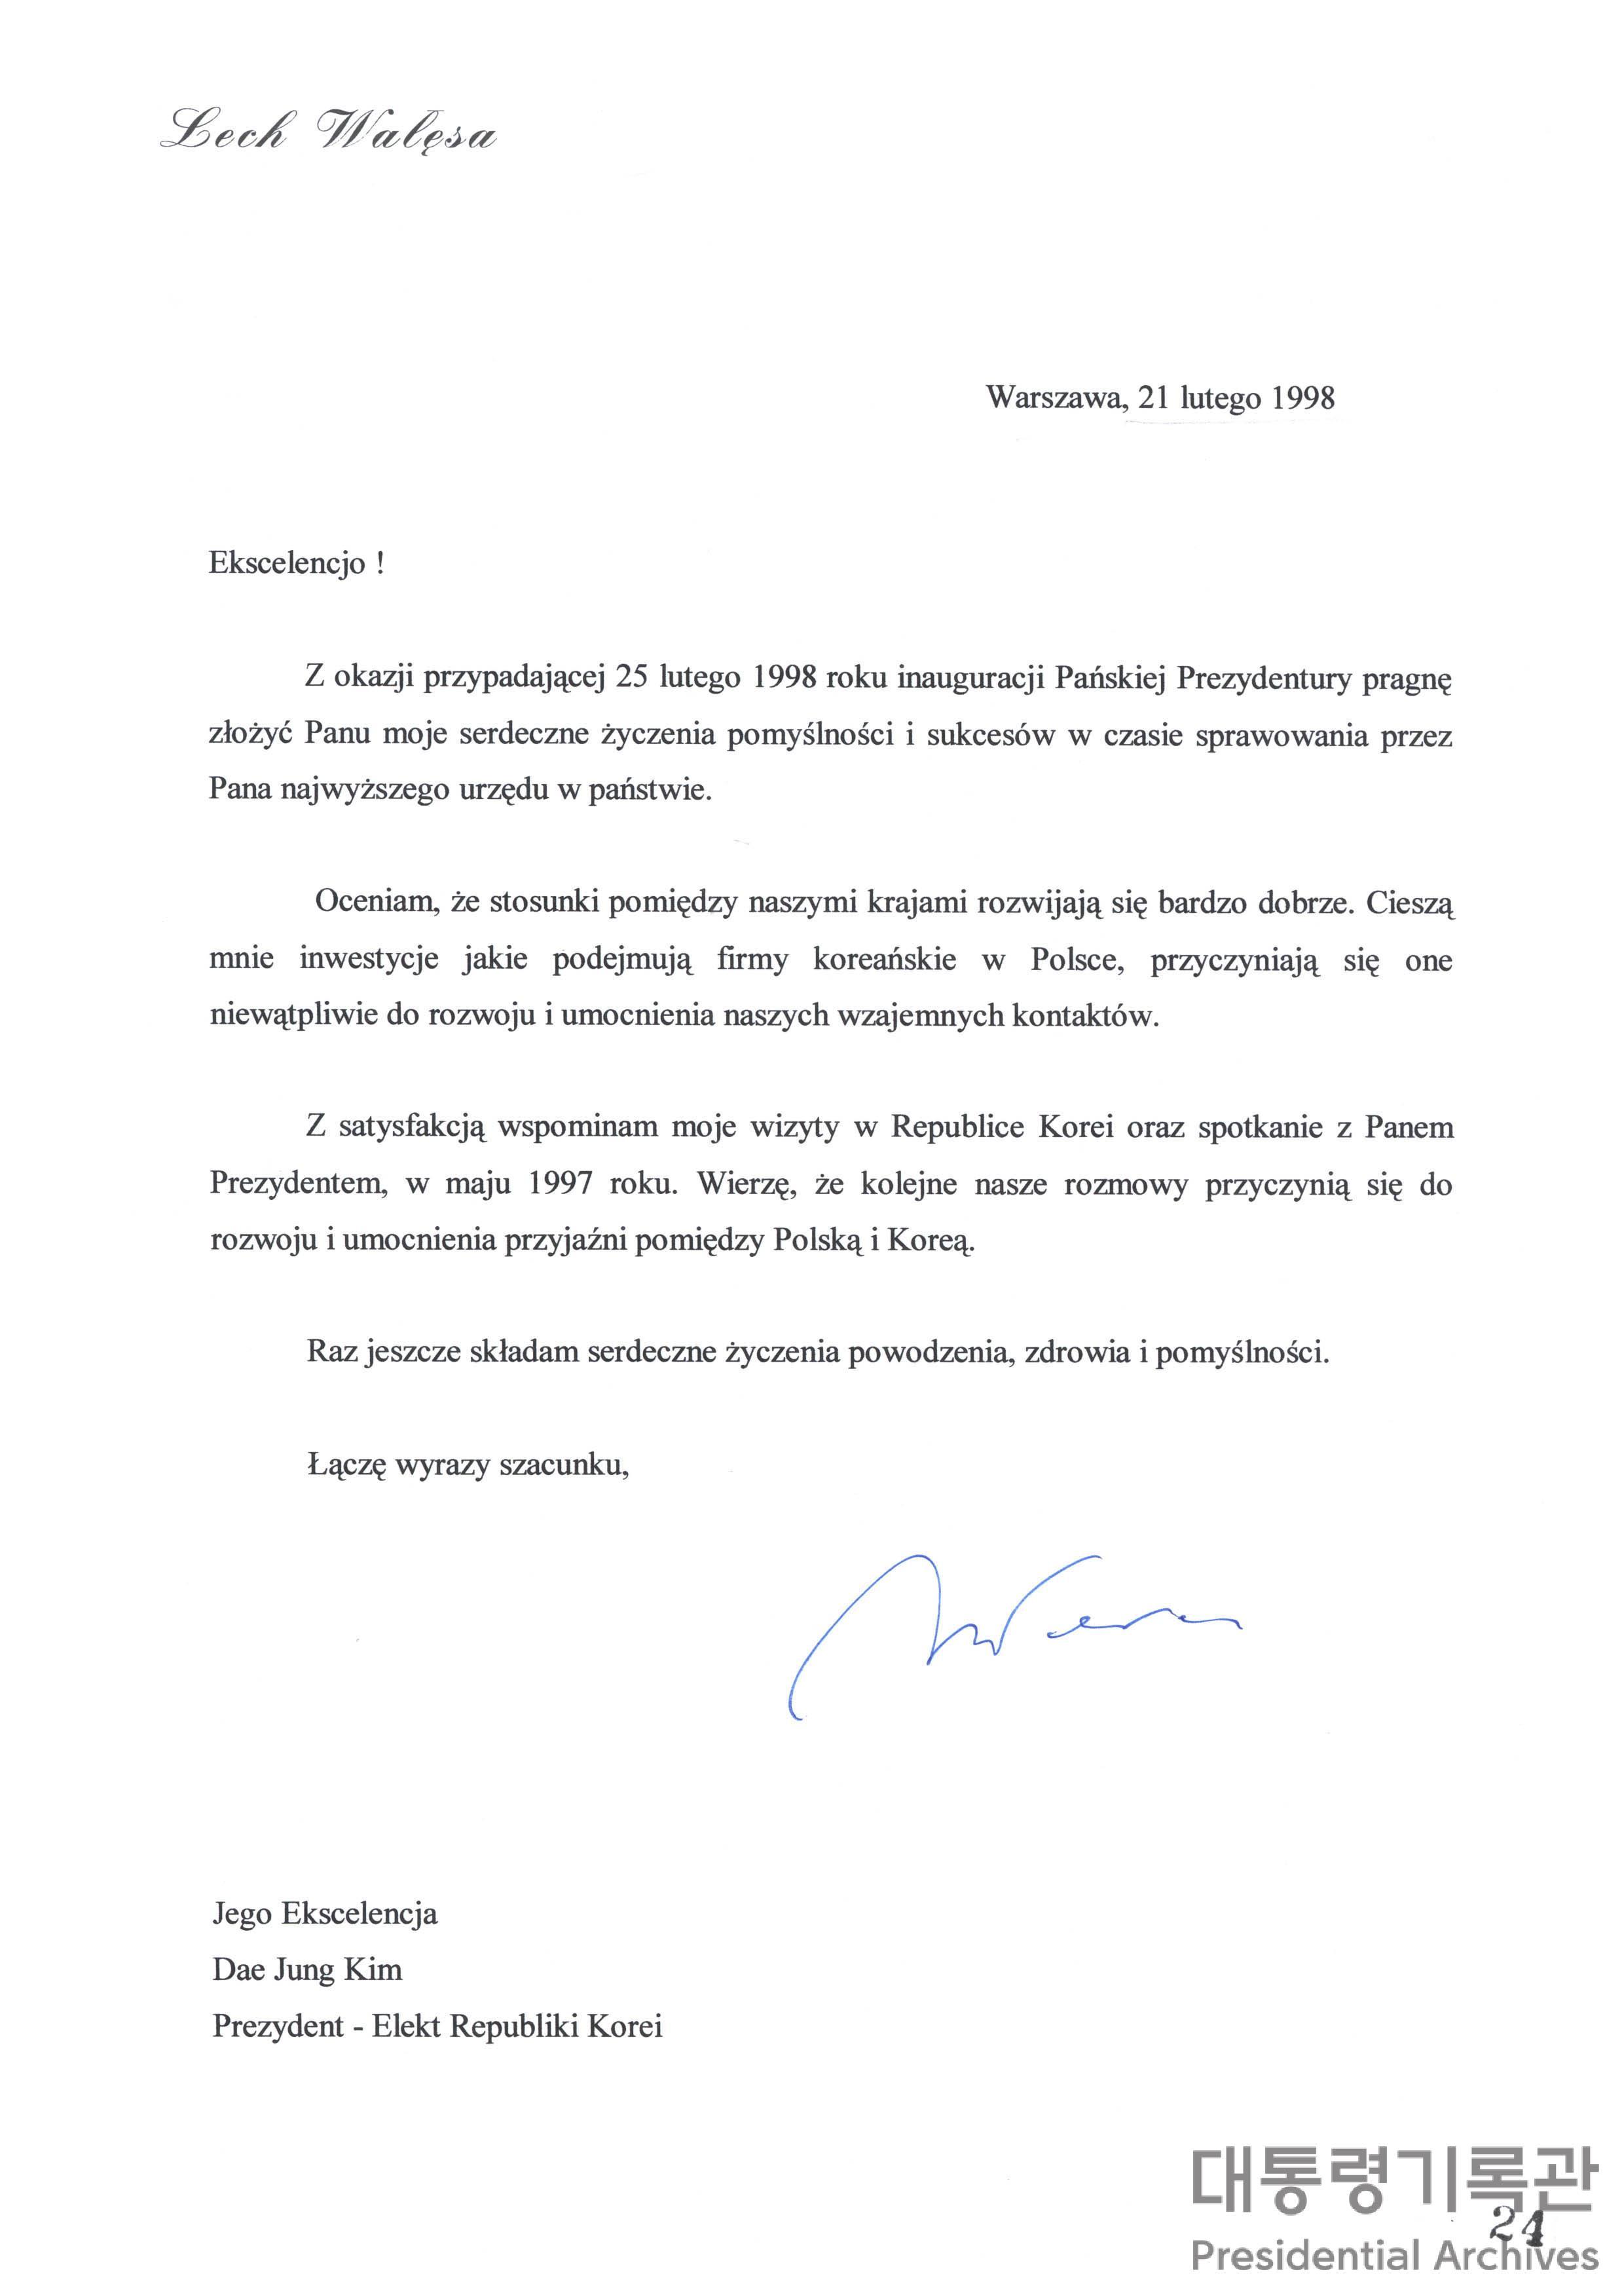 레흐 바웬사 폴란드 전 대통령 취임축하 서한